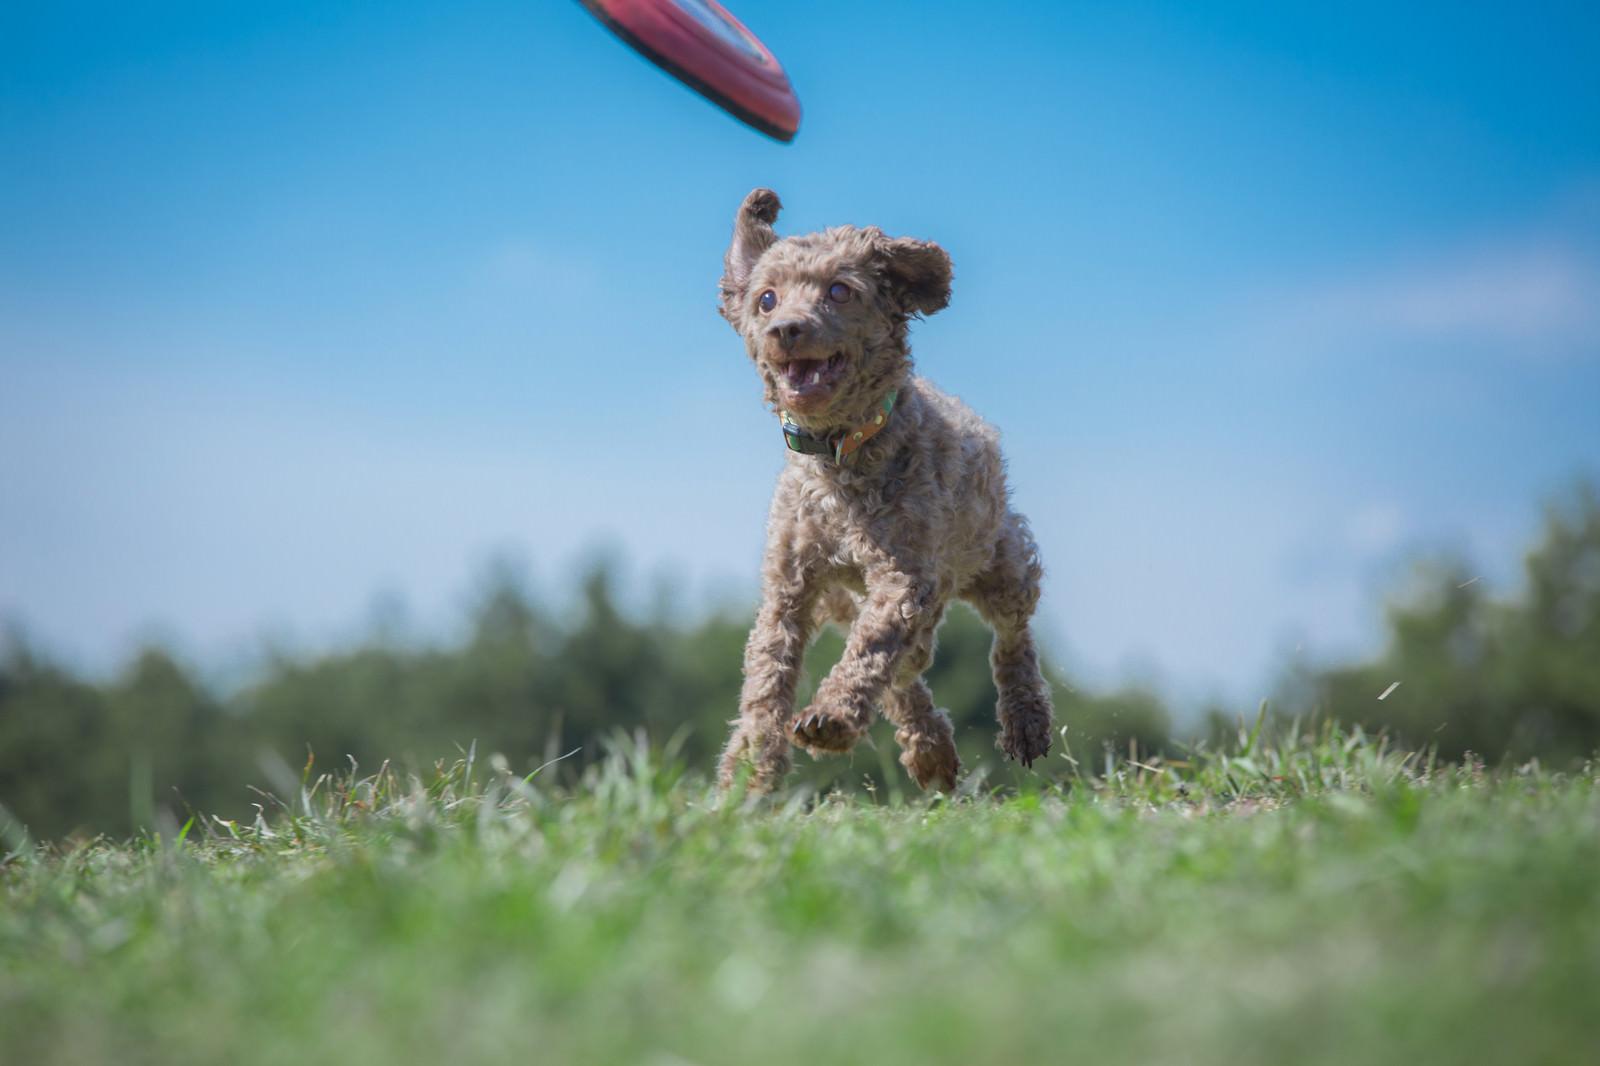 「フリスビーキャッチまでもうすぐ(ダッシュする小型犬)フリスビーキャッチまでもうすぐ(ダッシュする小型犬)」のフリー写真素材を拡大